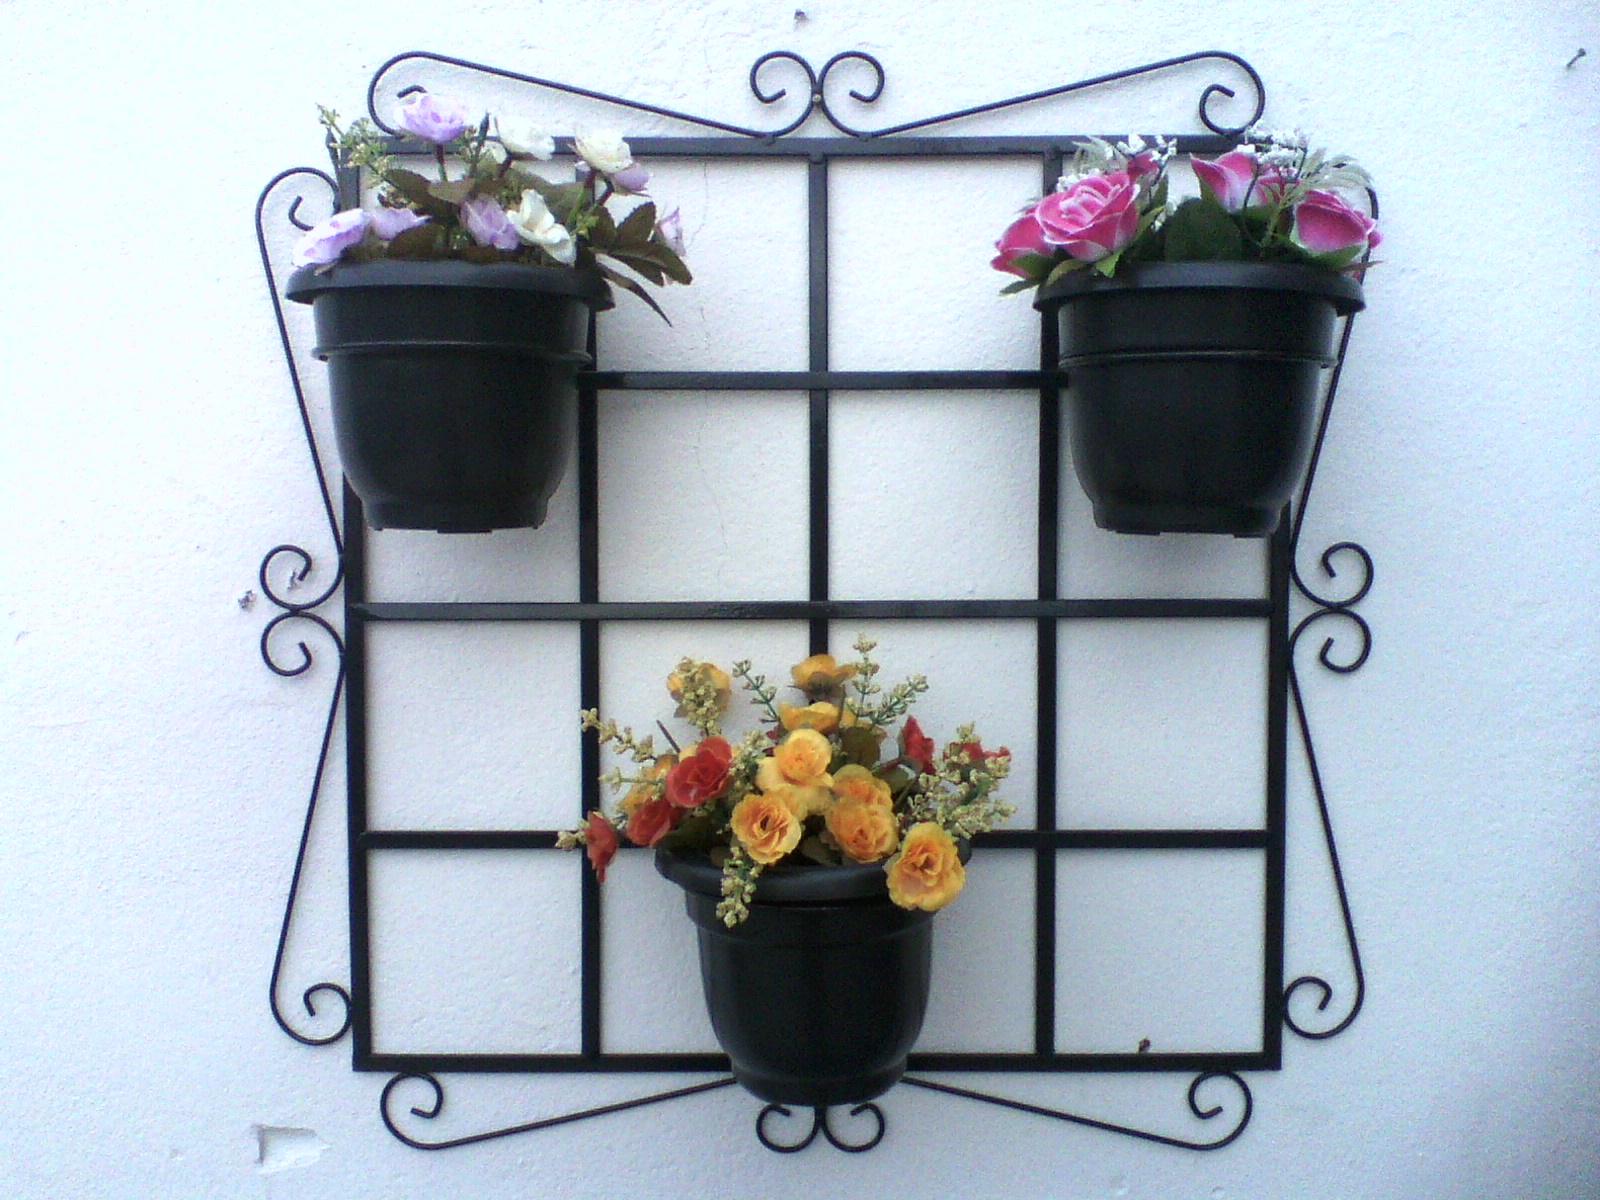 para jardim em pvc: trelica para jardim com vasos jardim trelica para  #996C32 1600x1200